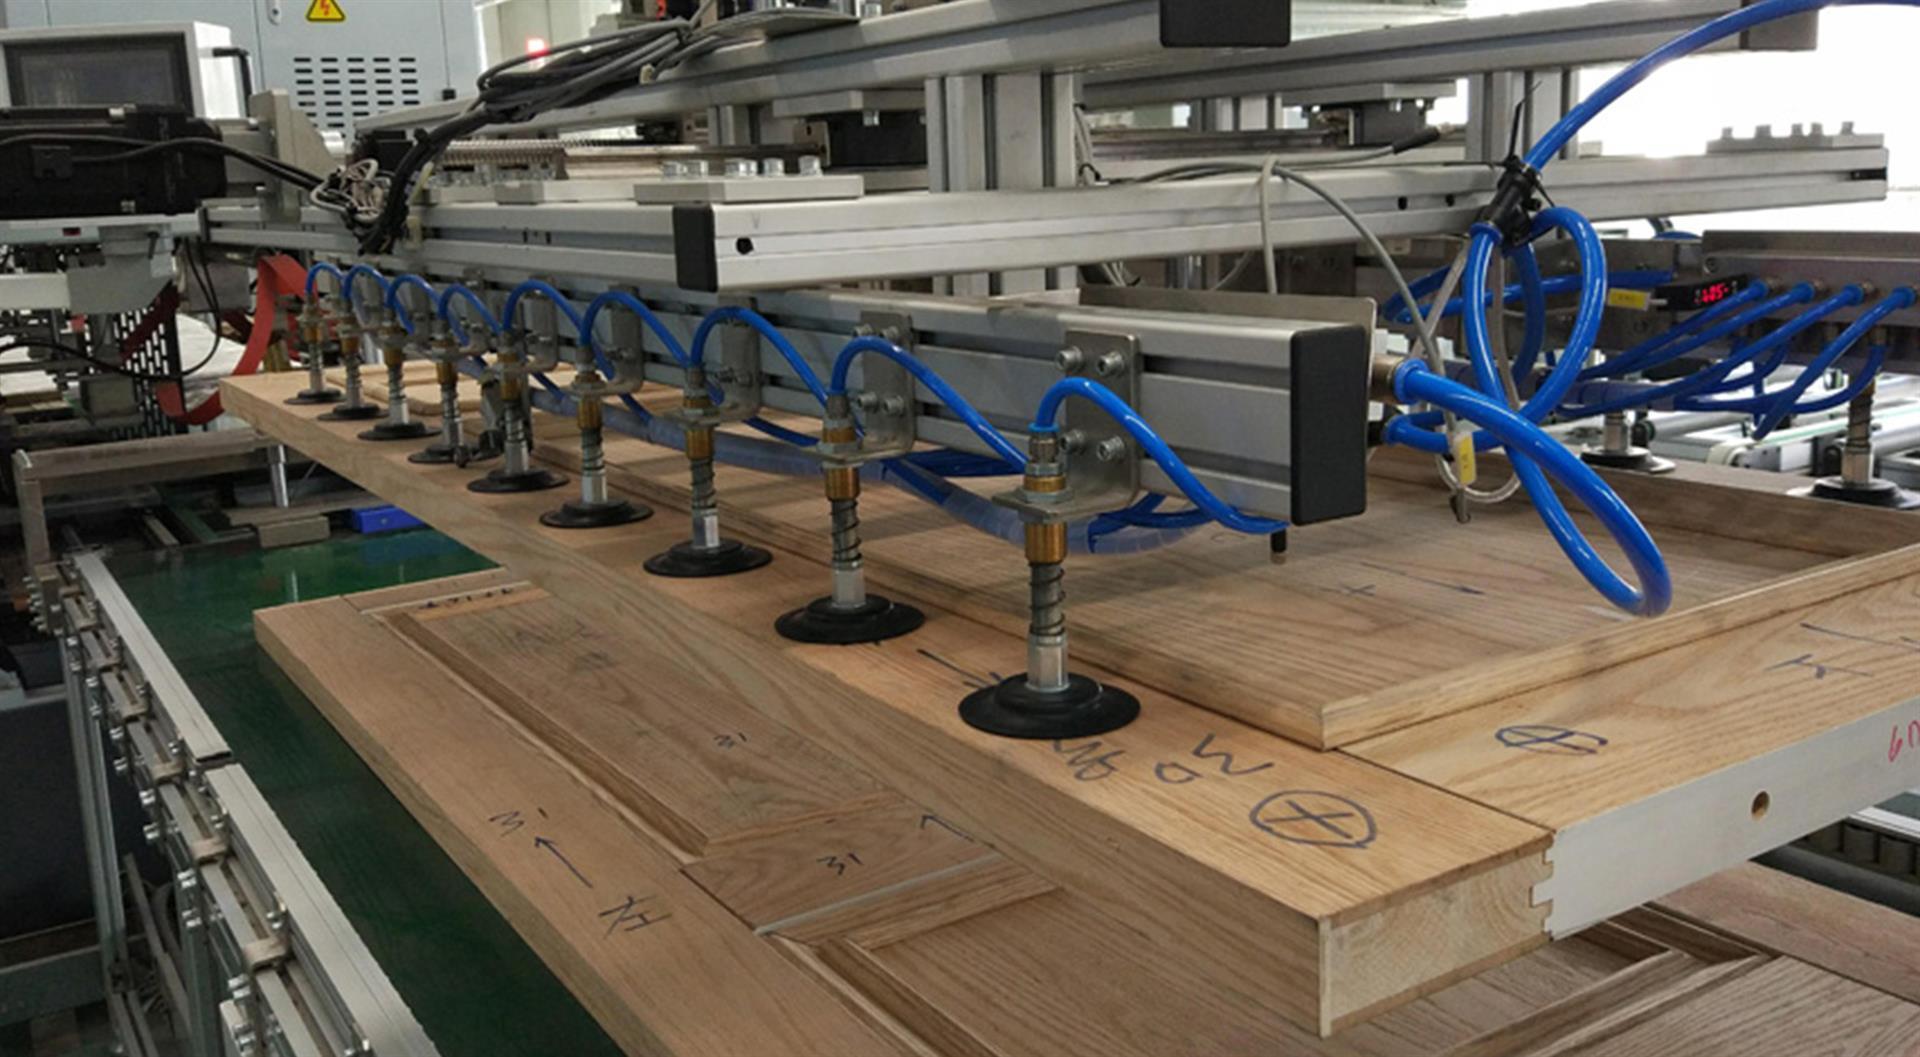 tyhjiögeneraattori puu-ja kalusteteollisuus